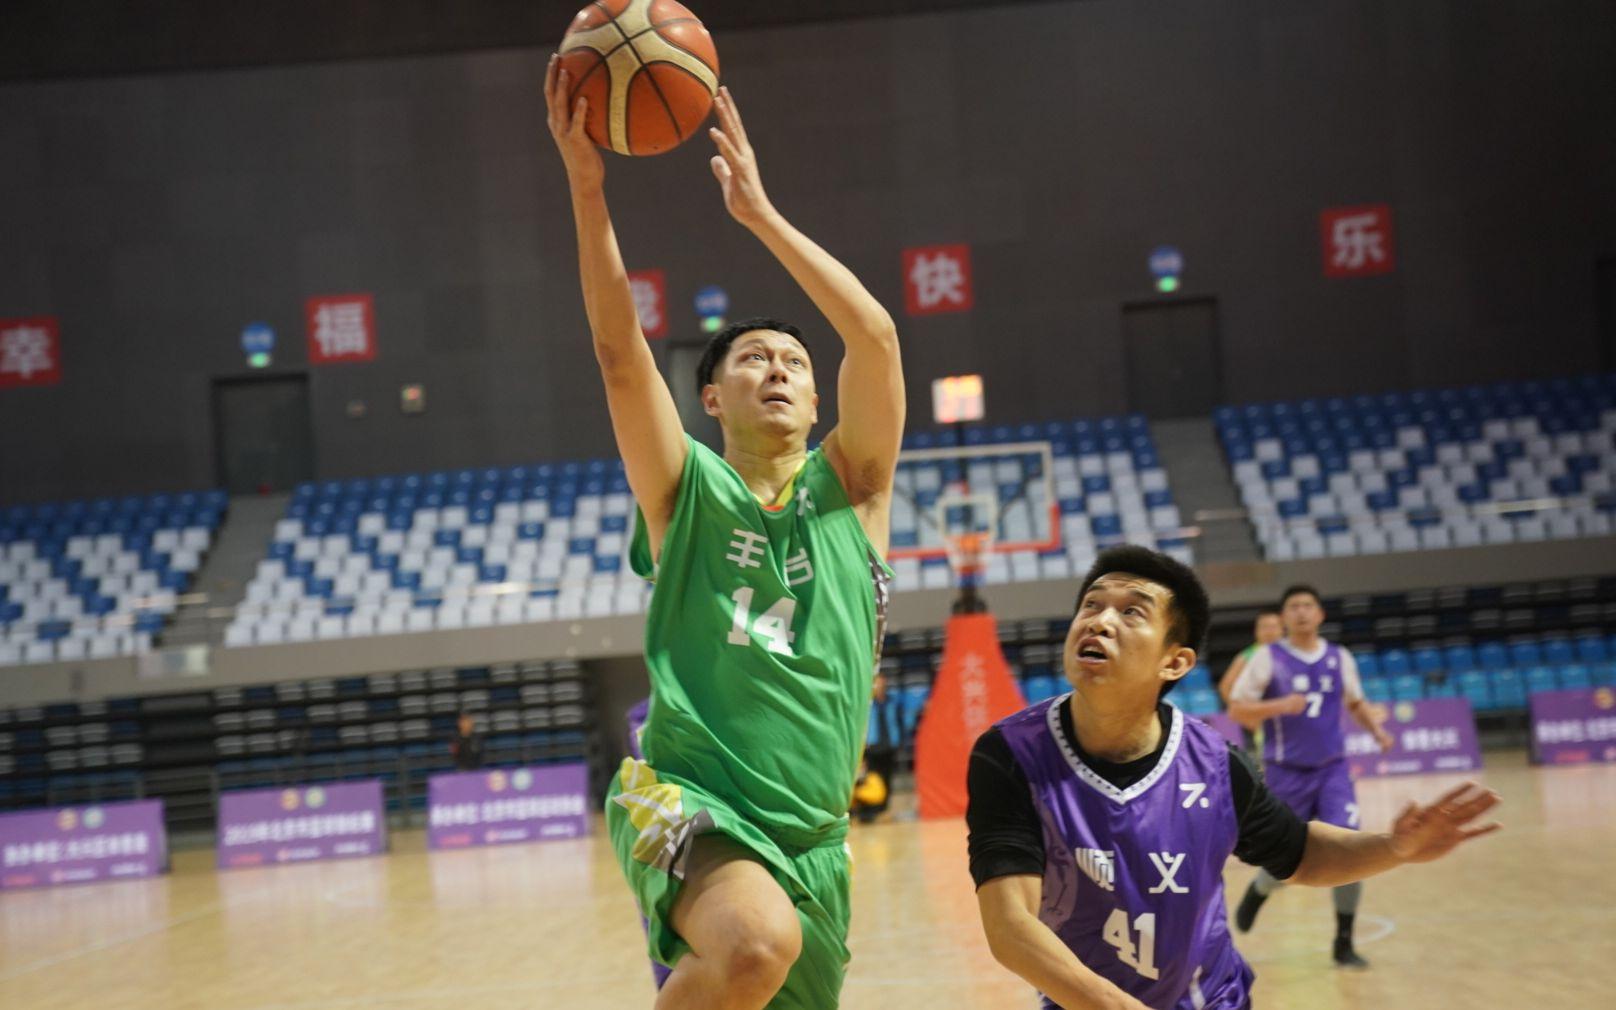 2019北京市篮球锦标赛收官,大兴